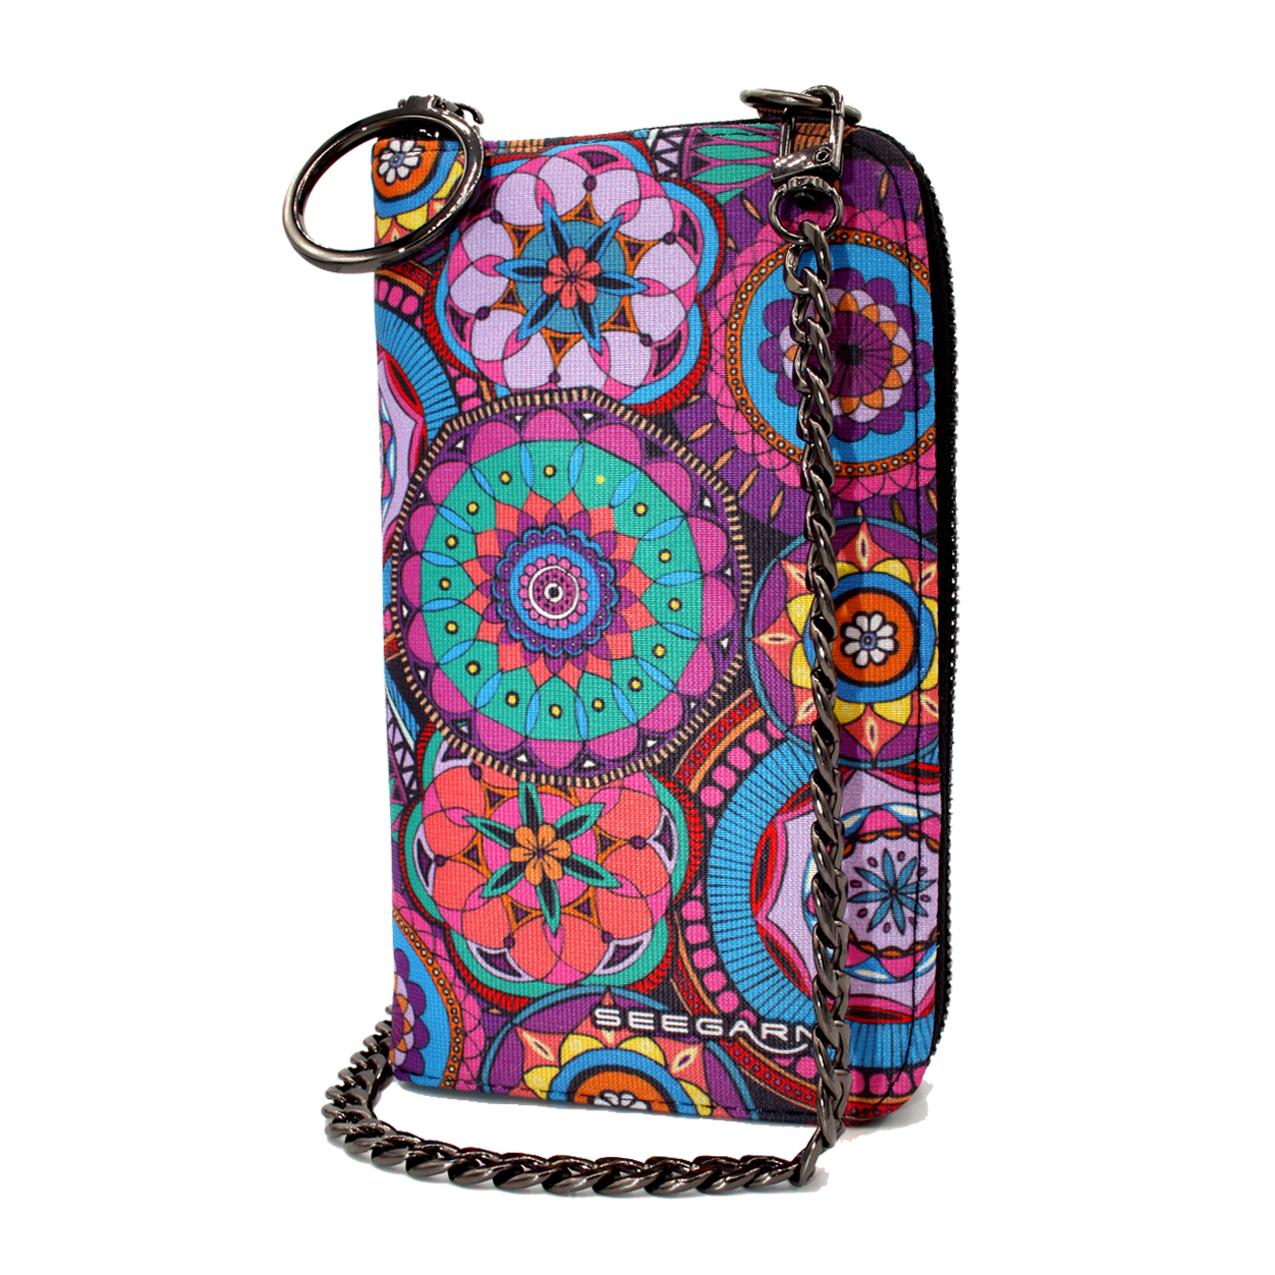 Smart-Bag, 2in1 Handy-Tasche und Geldbeutel (MB02)